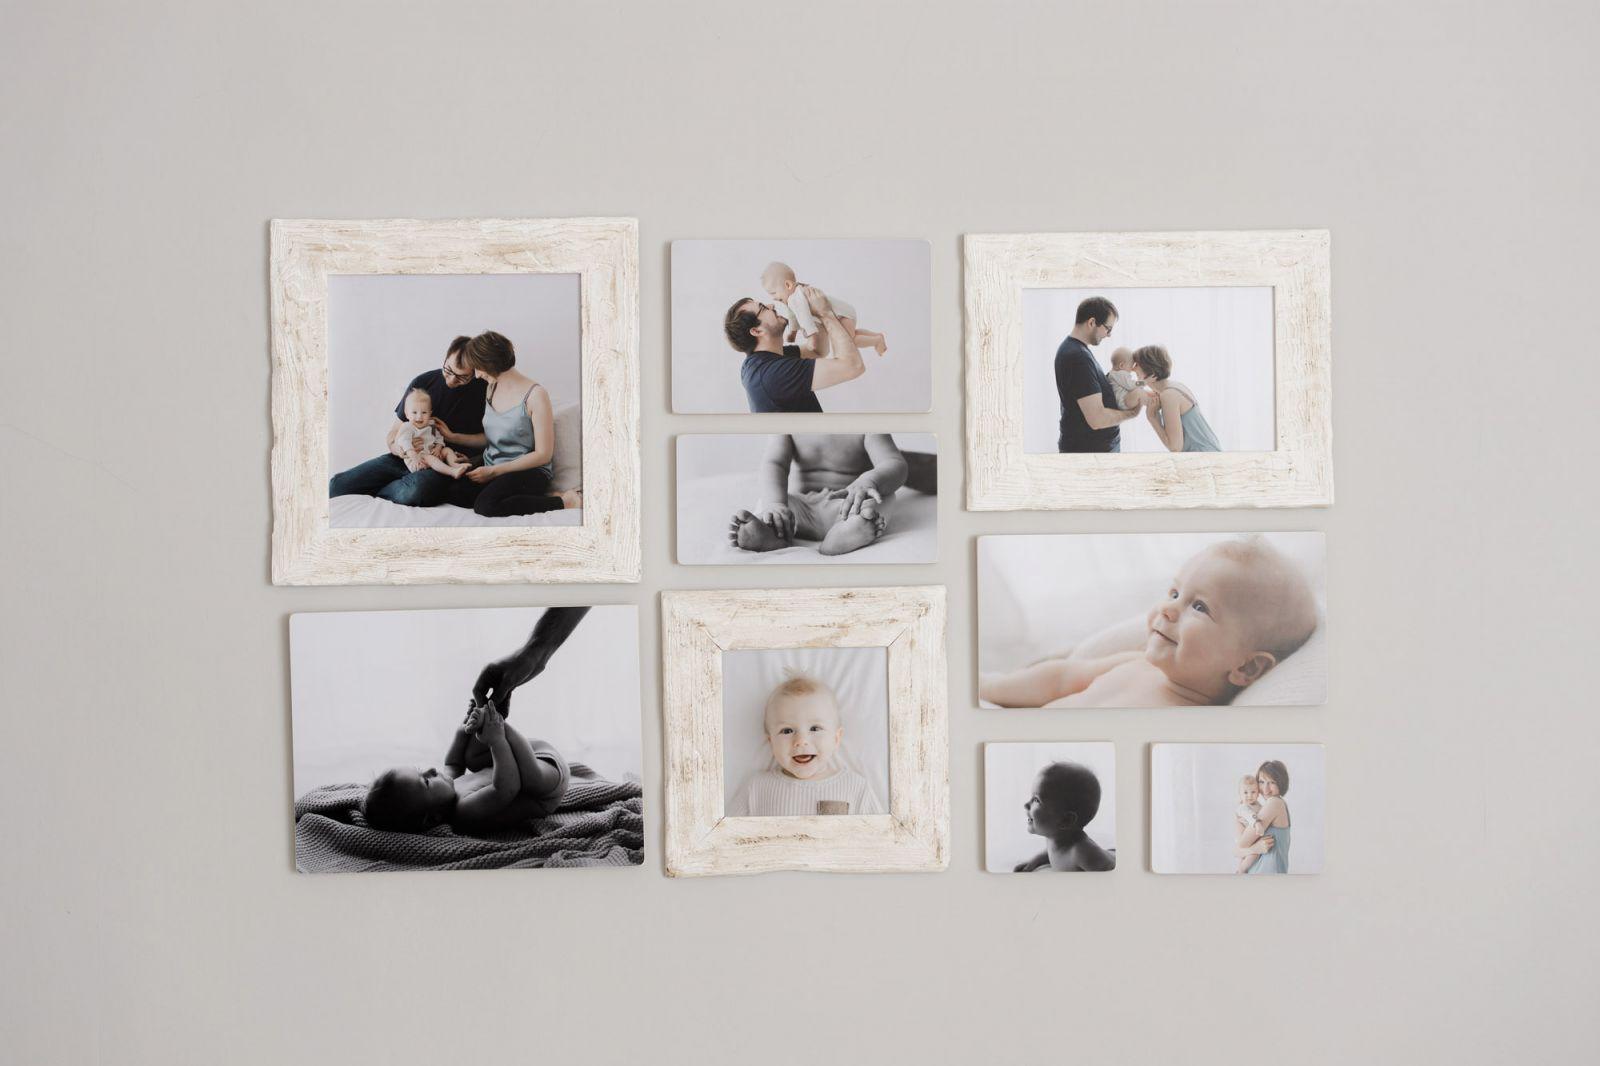 bilder auf holz holzbilder julia oehme babybilder leipzig halle